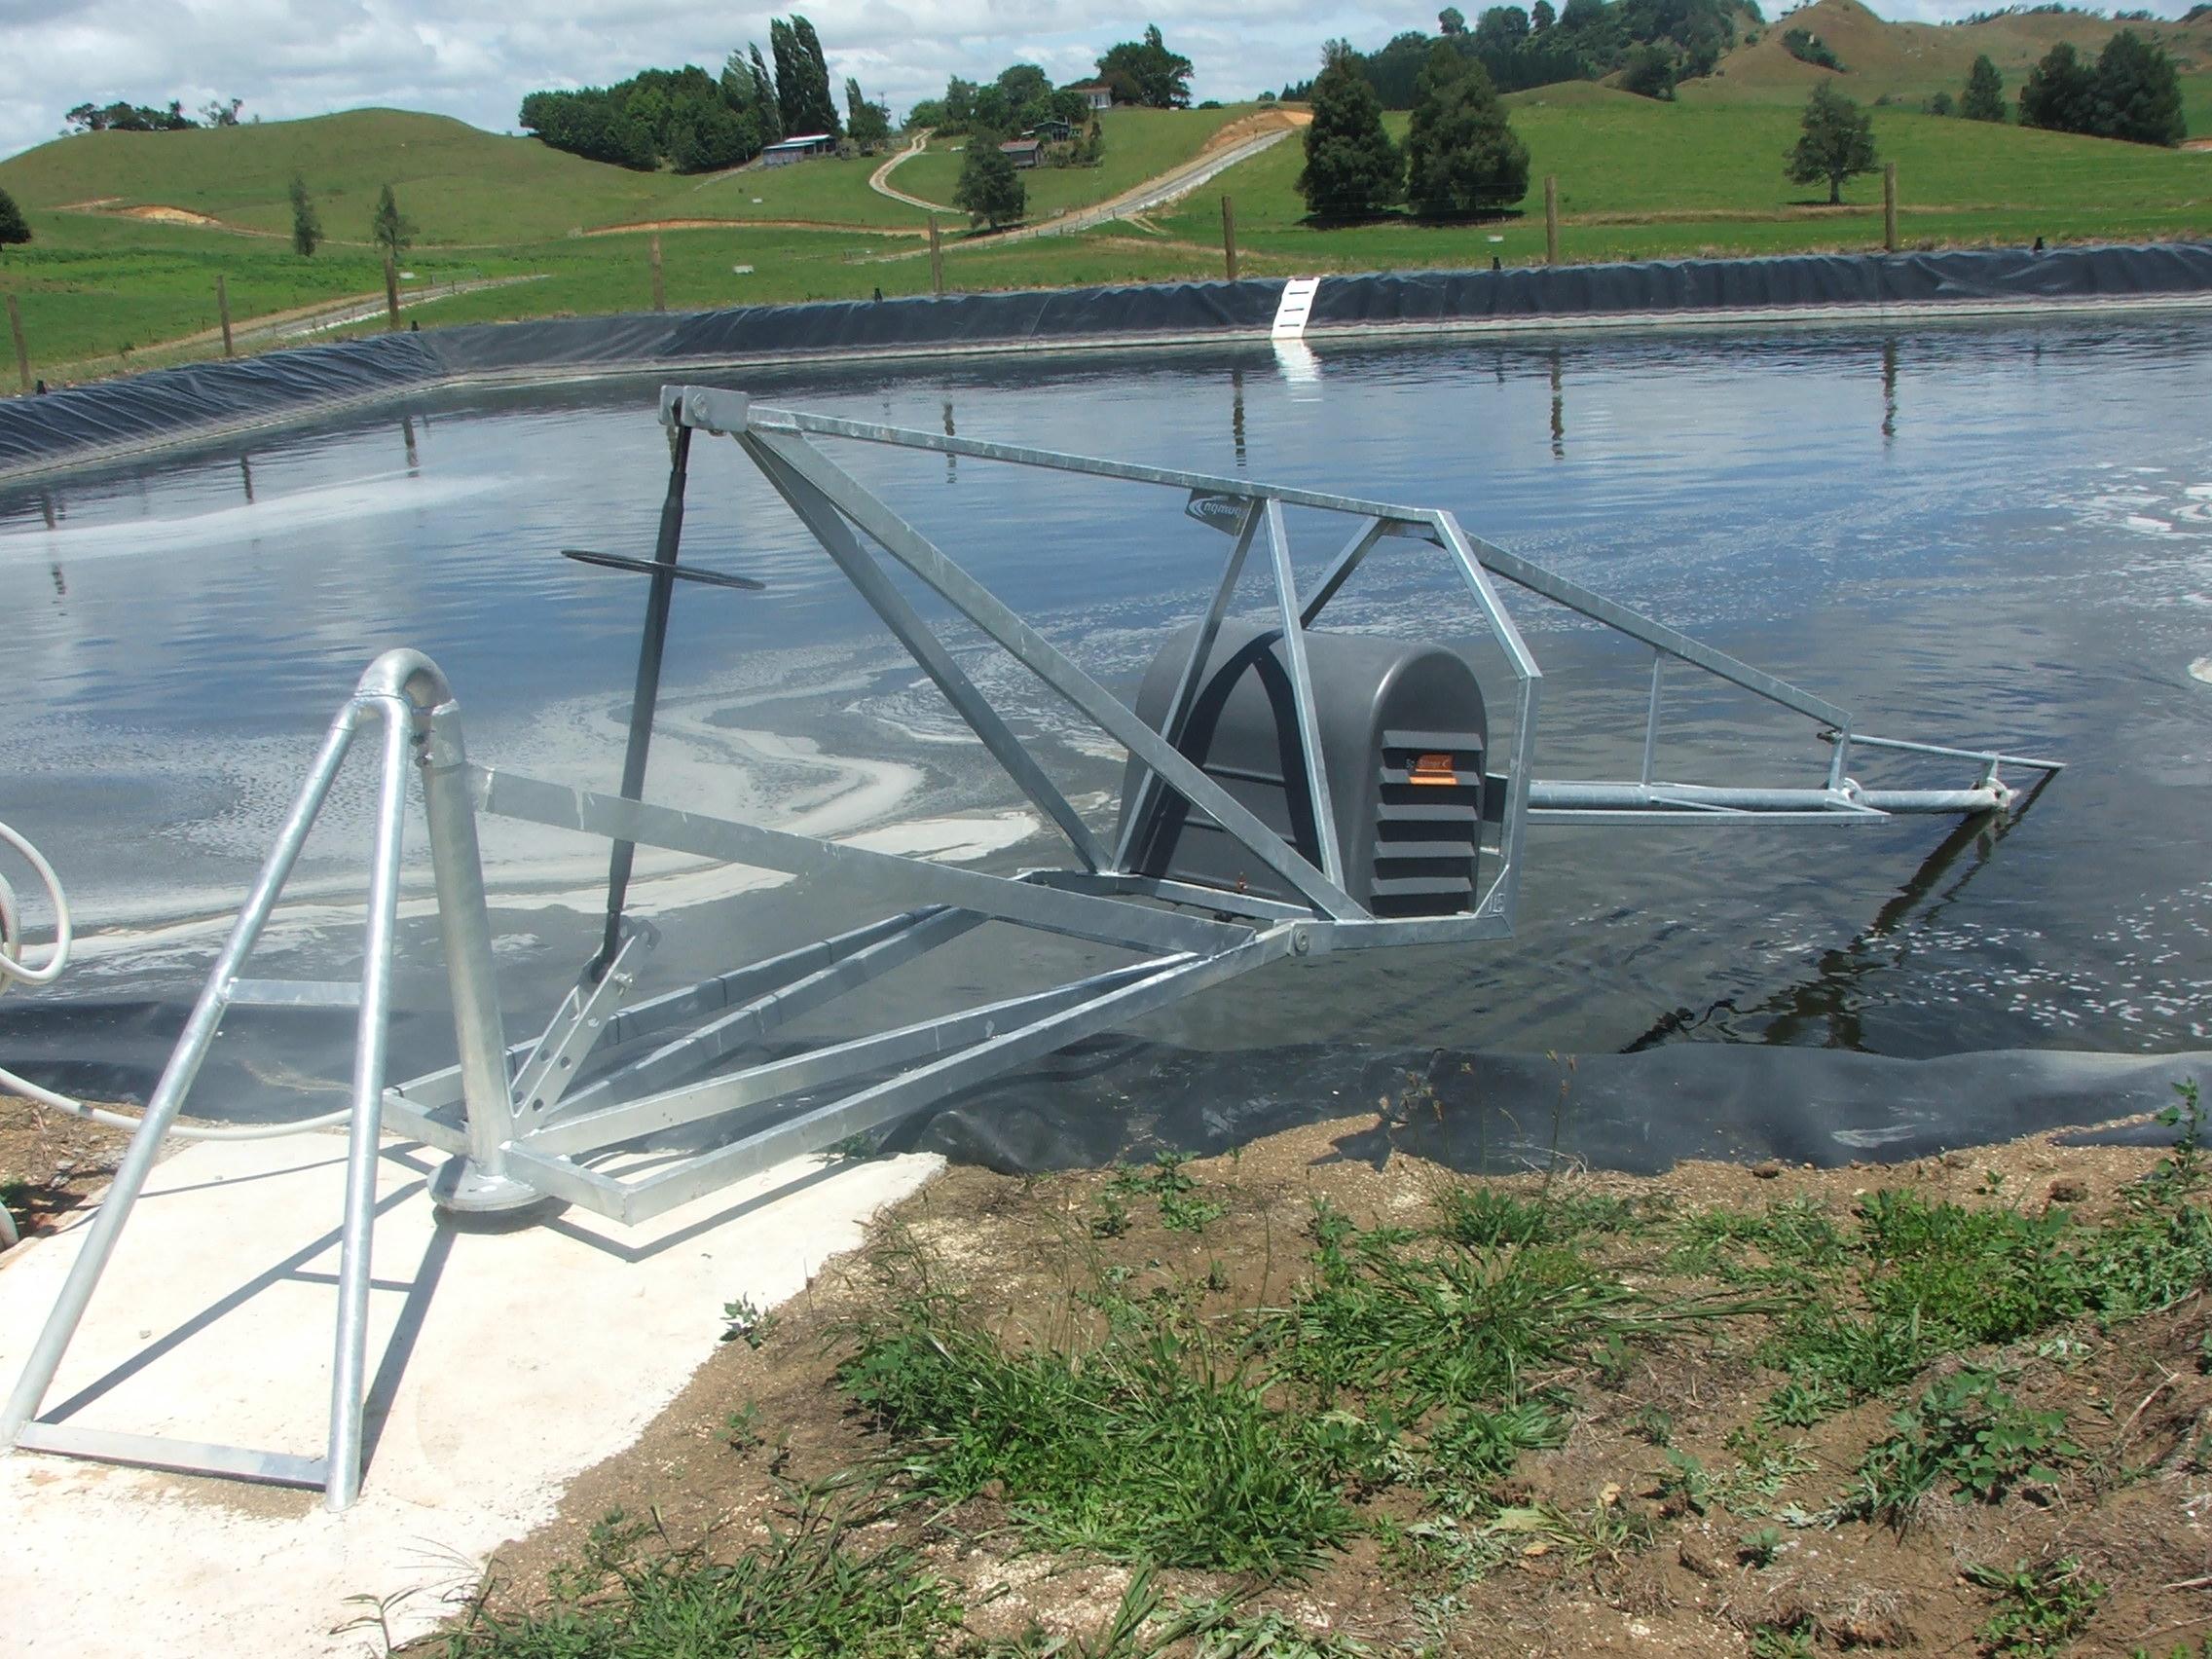 Sp stirrer - effluent pond